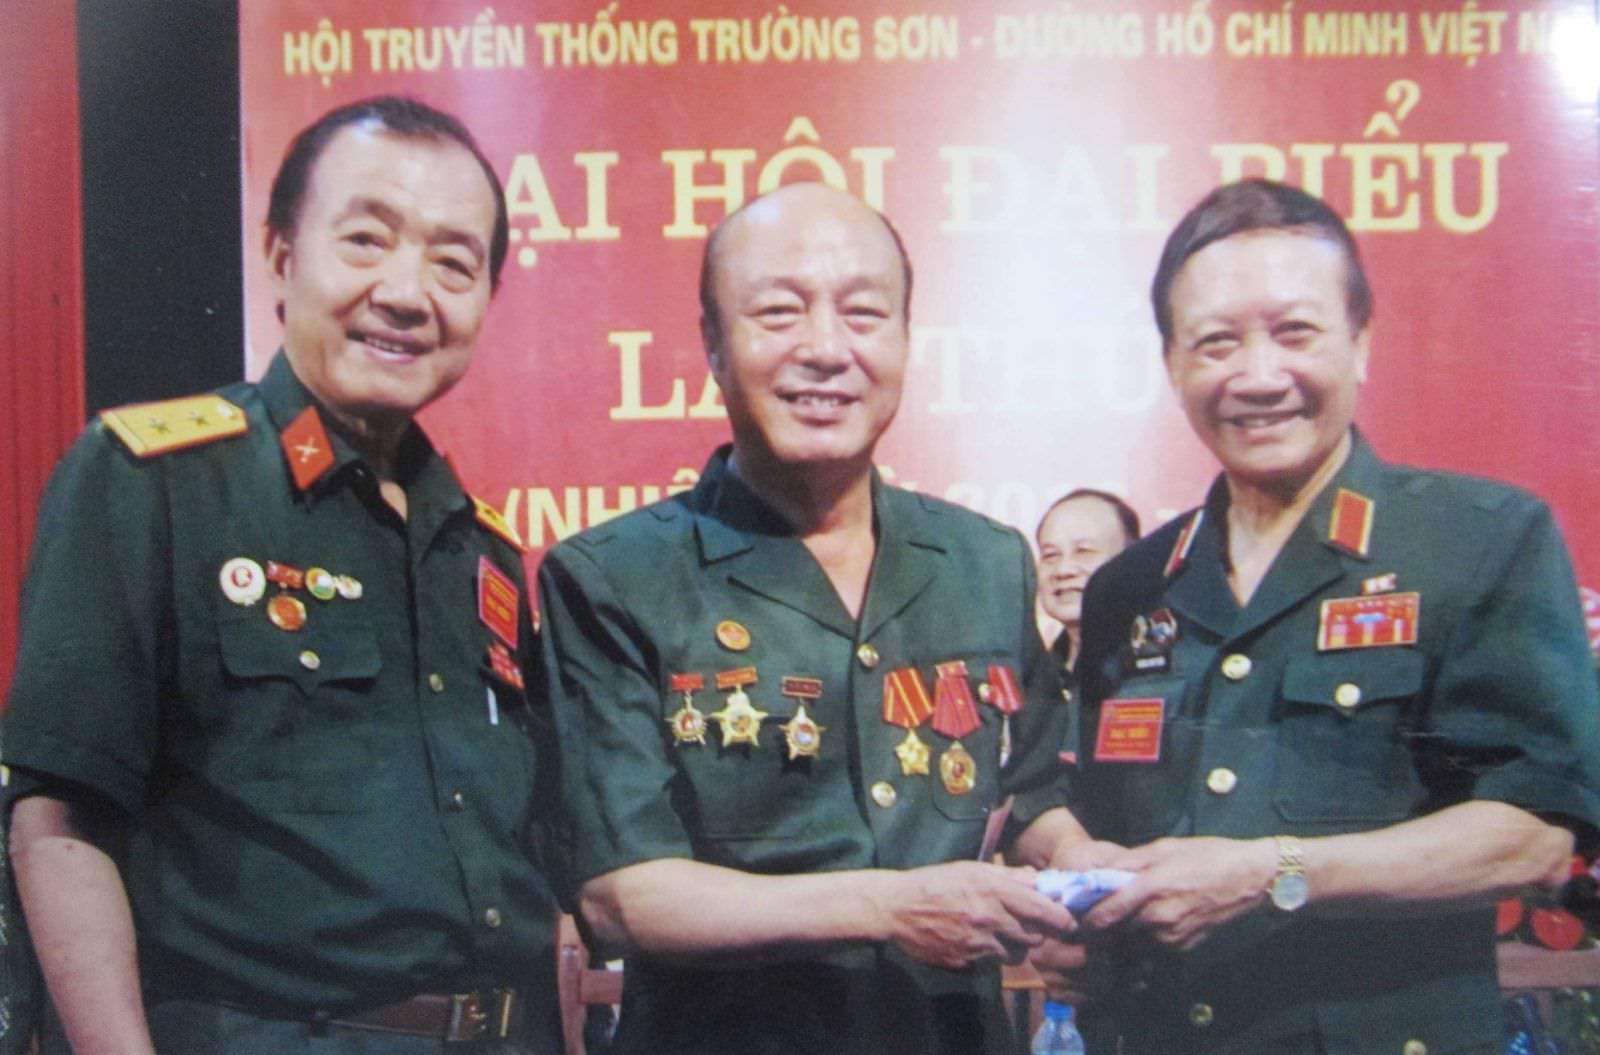 Một tấm lòng với Trang thông tin Trường Sơn